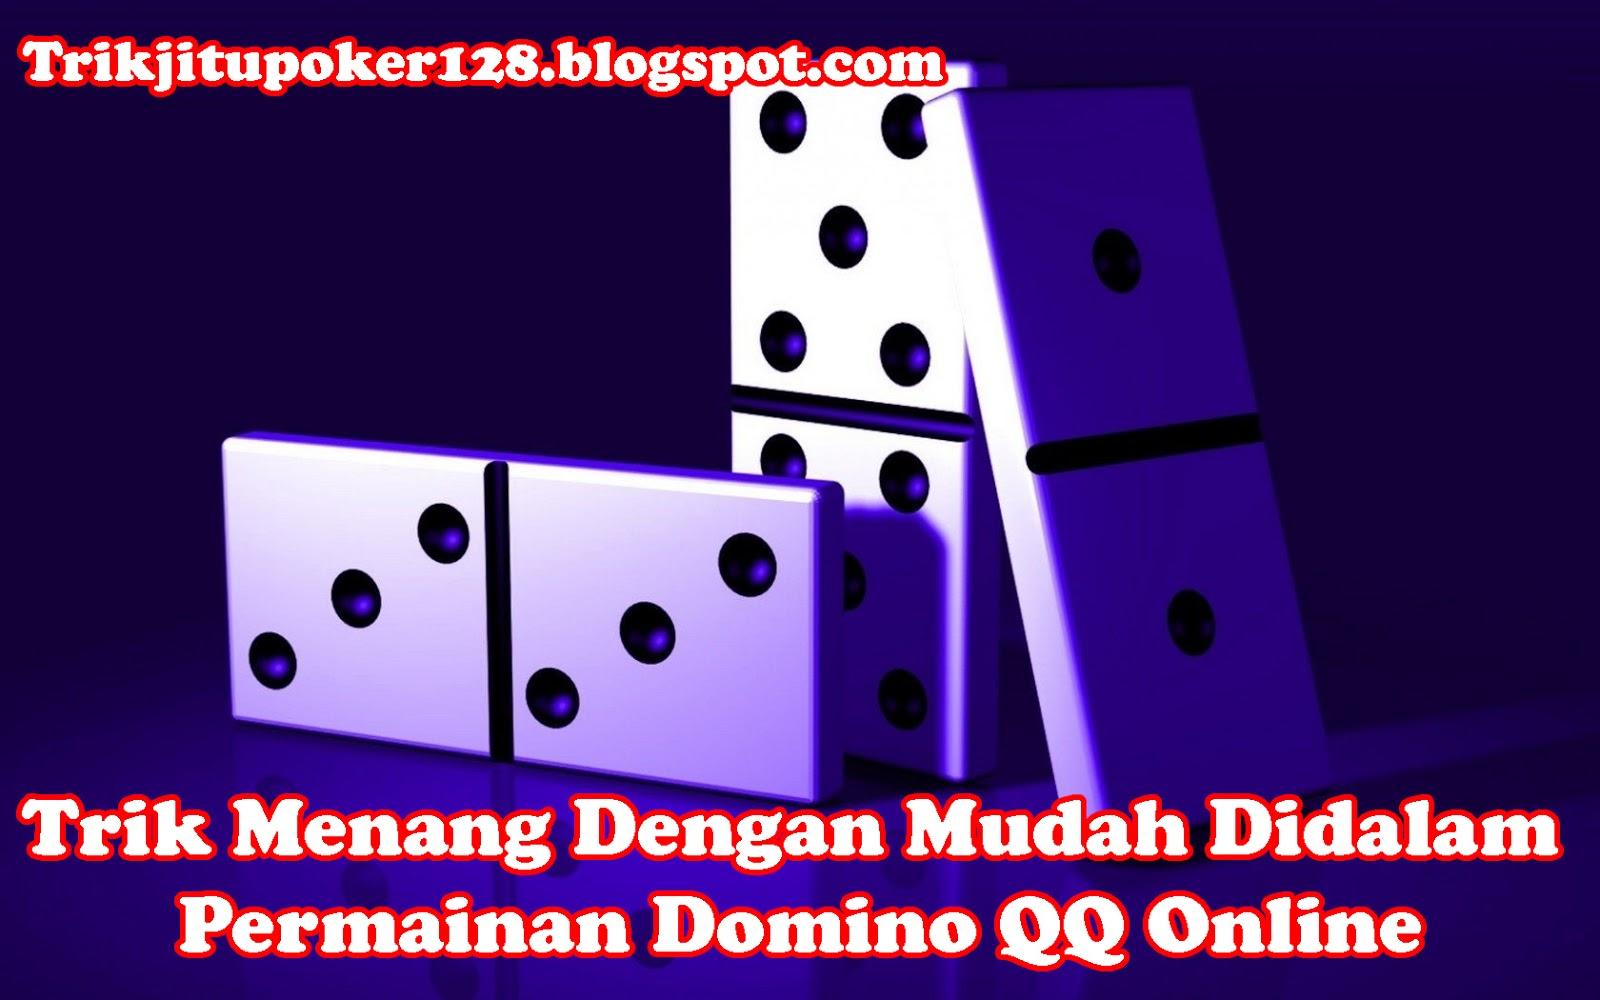 Trik Jitu Poker Trik Menang Dengan Mudah Didalam Permainan Domino Qq Online